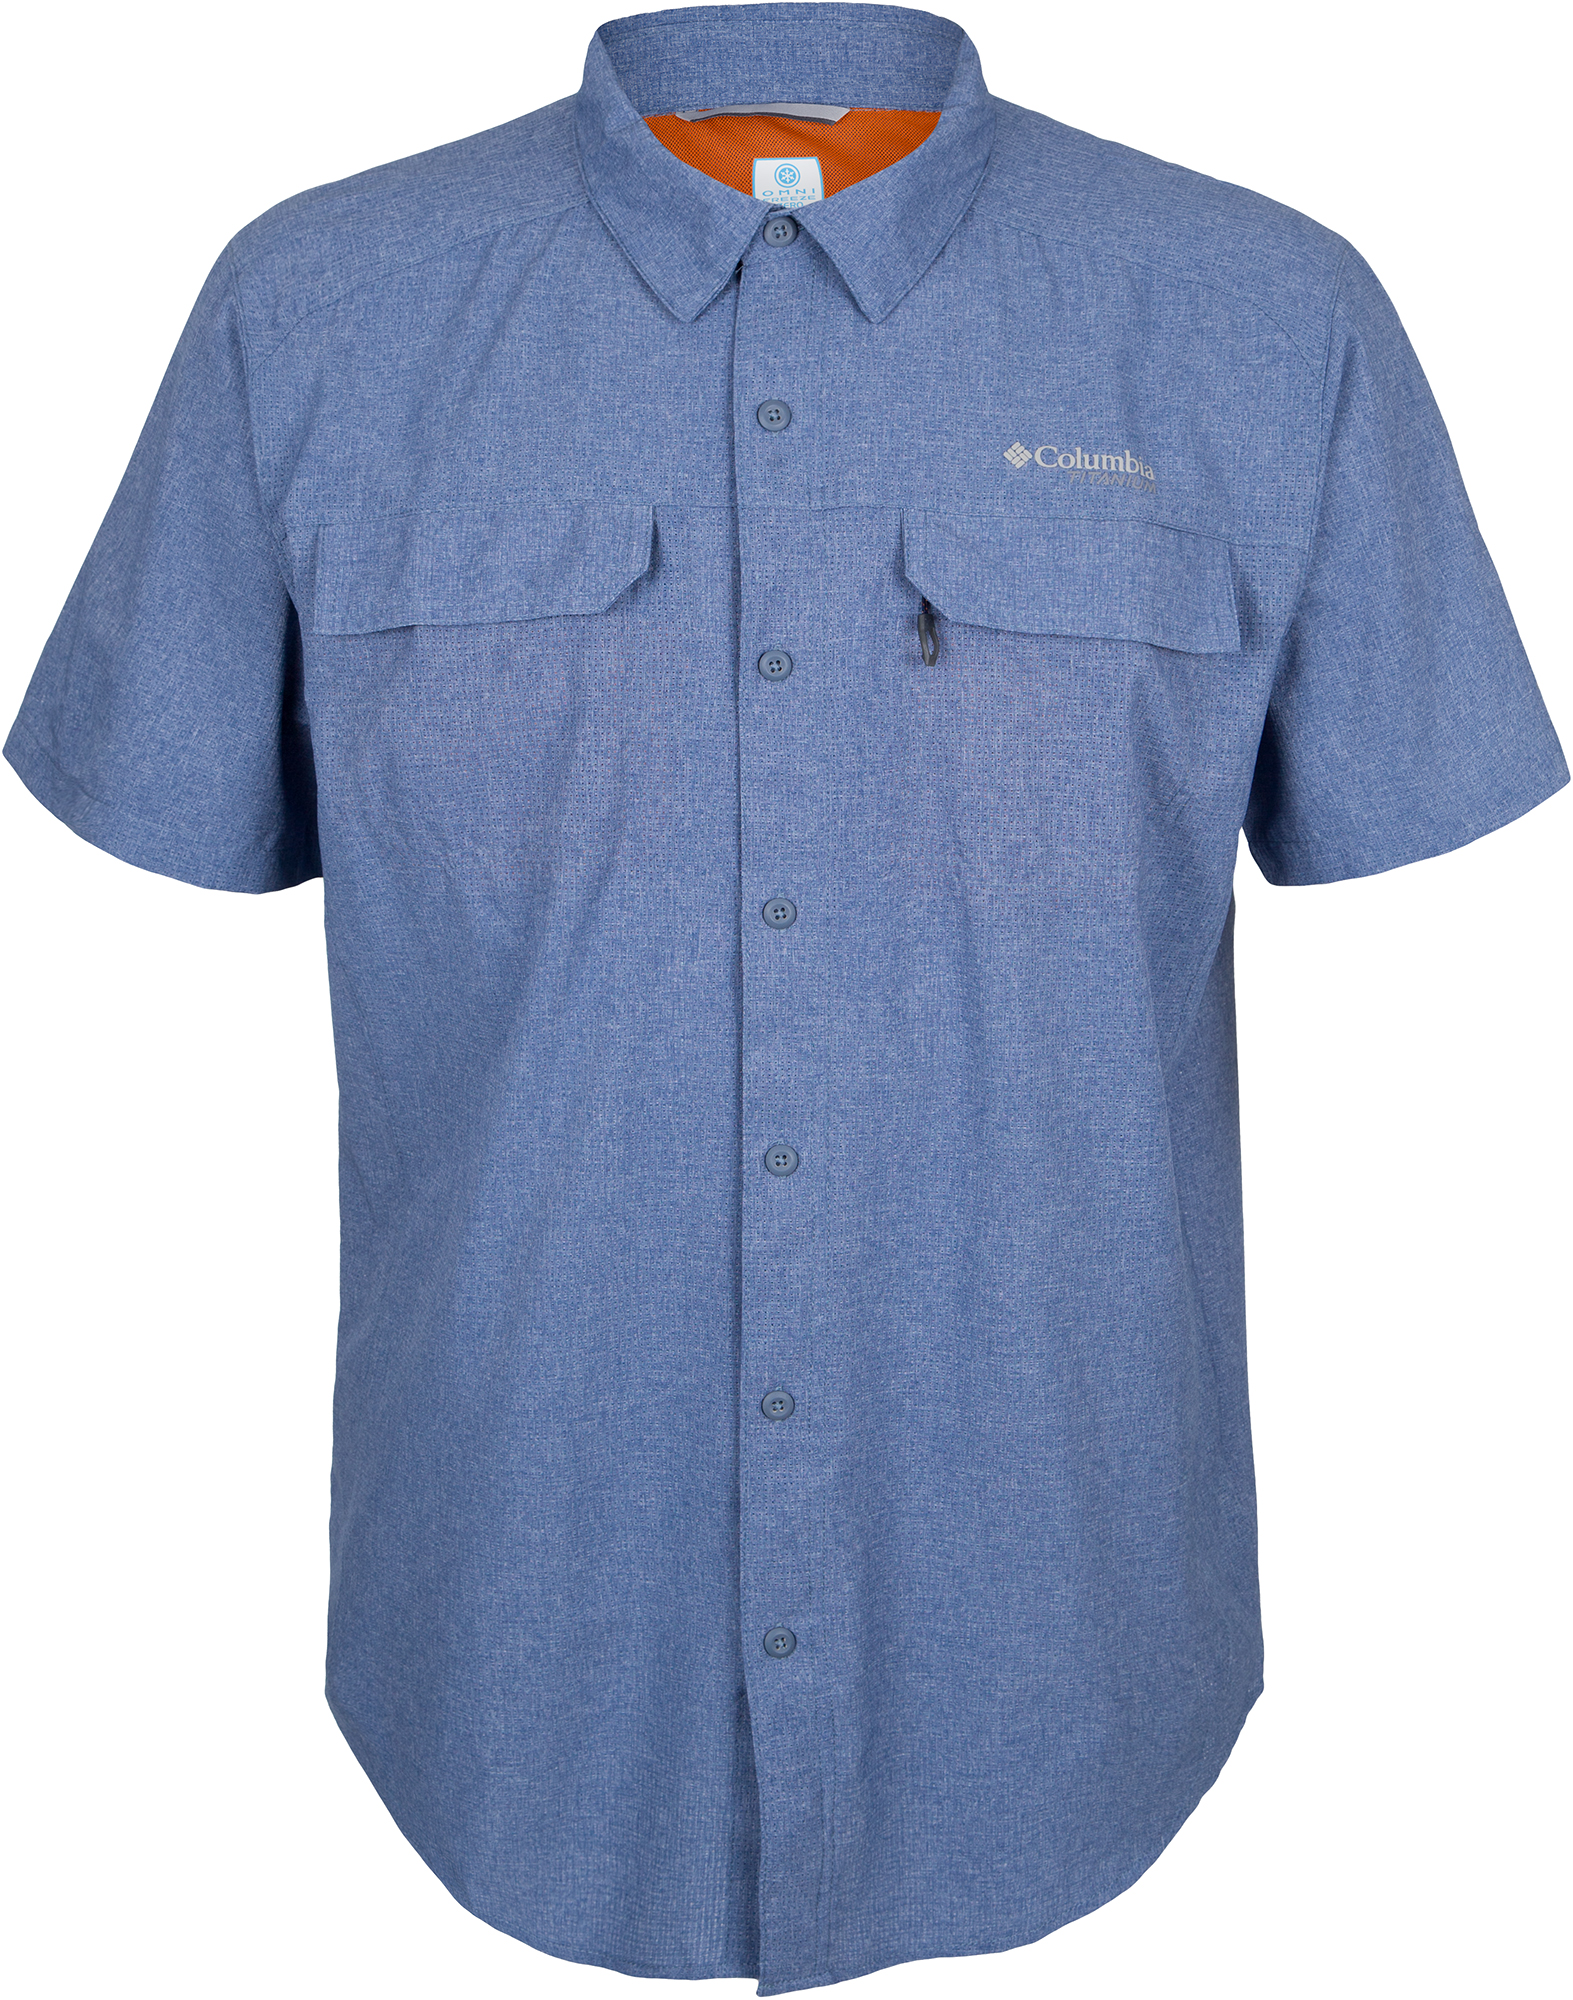 цена на Columbia Рубашка мужская Columbia Irico, размер 52-54